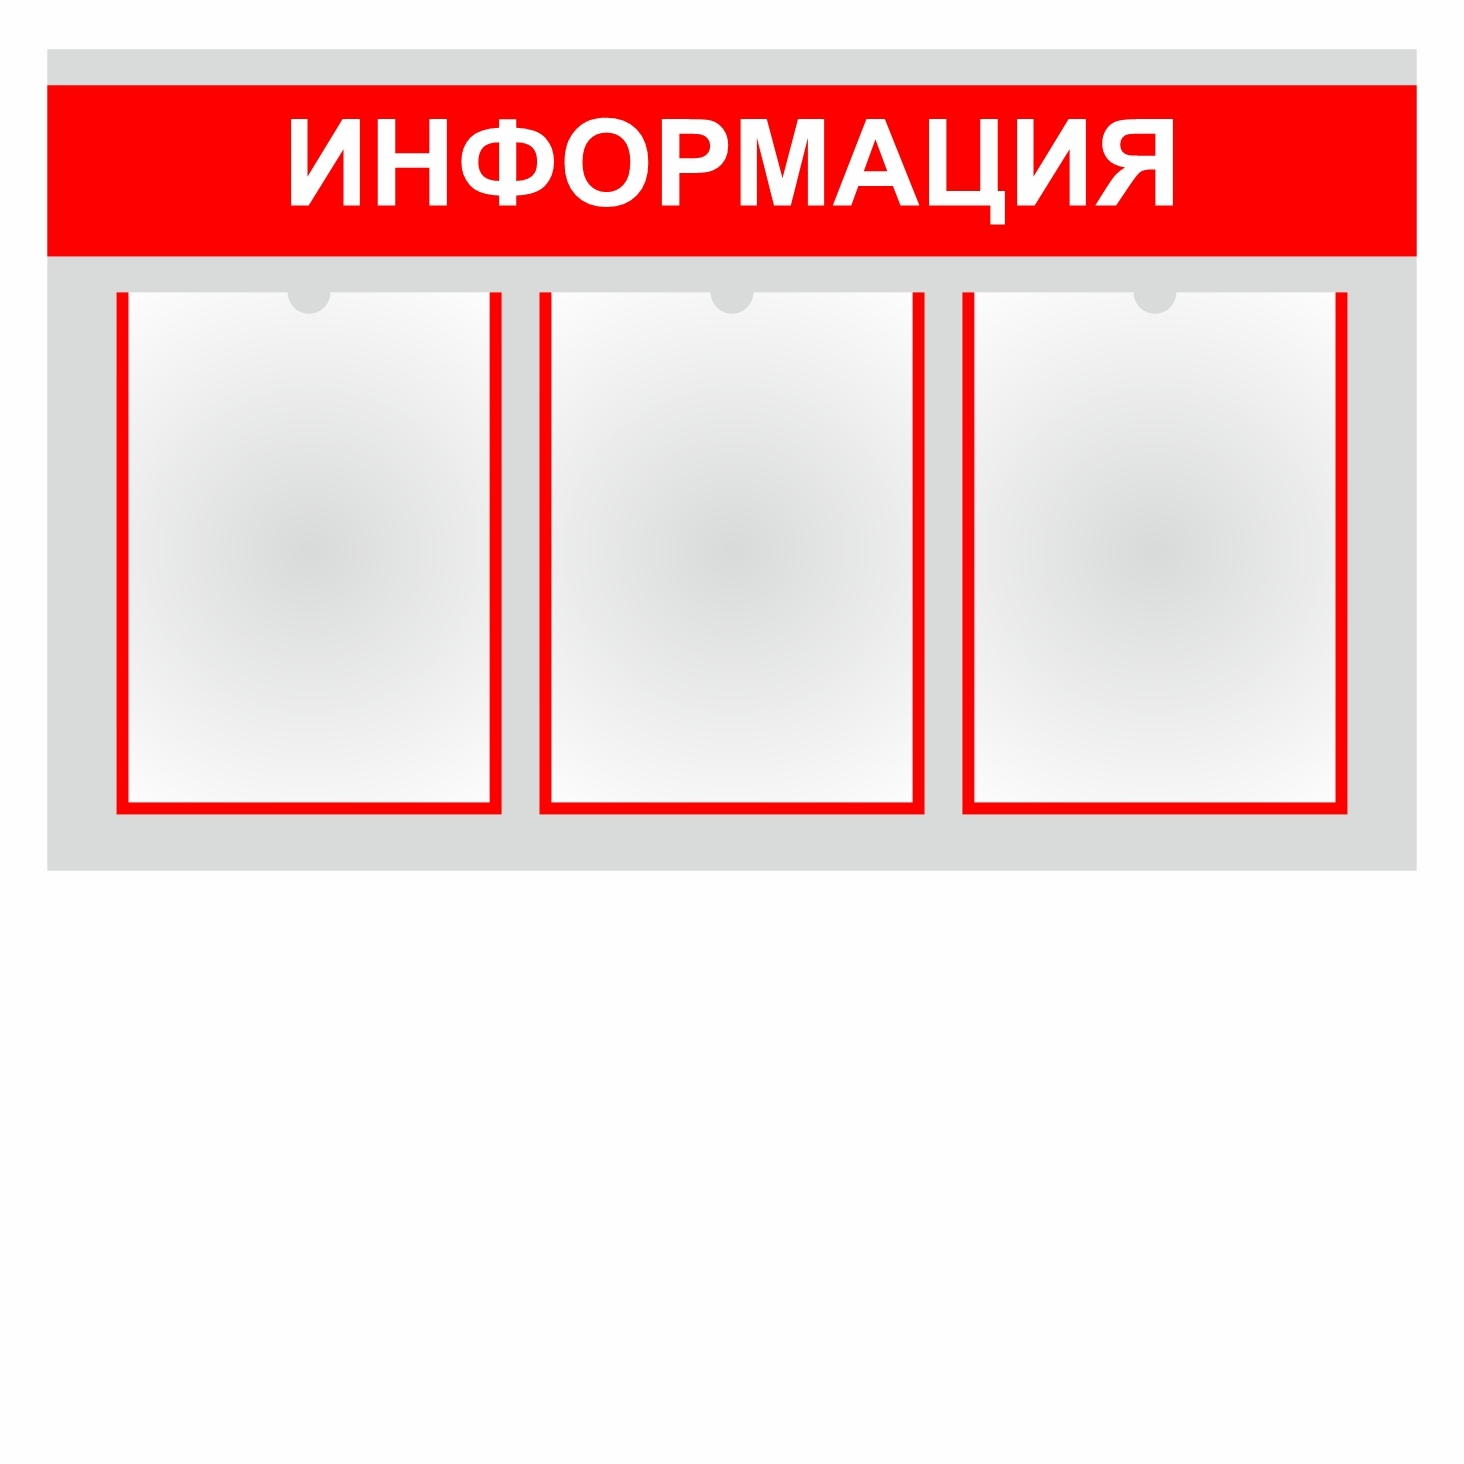 Информационный стенд 800х480мм из ПВХ 3мм на 3 плоских кармана